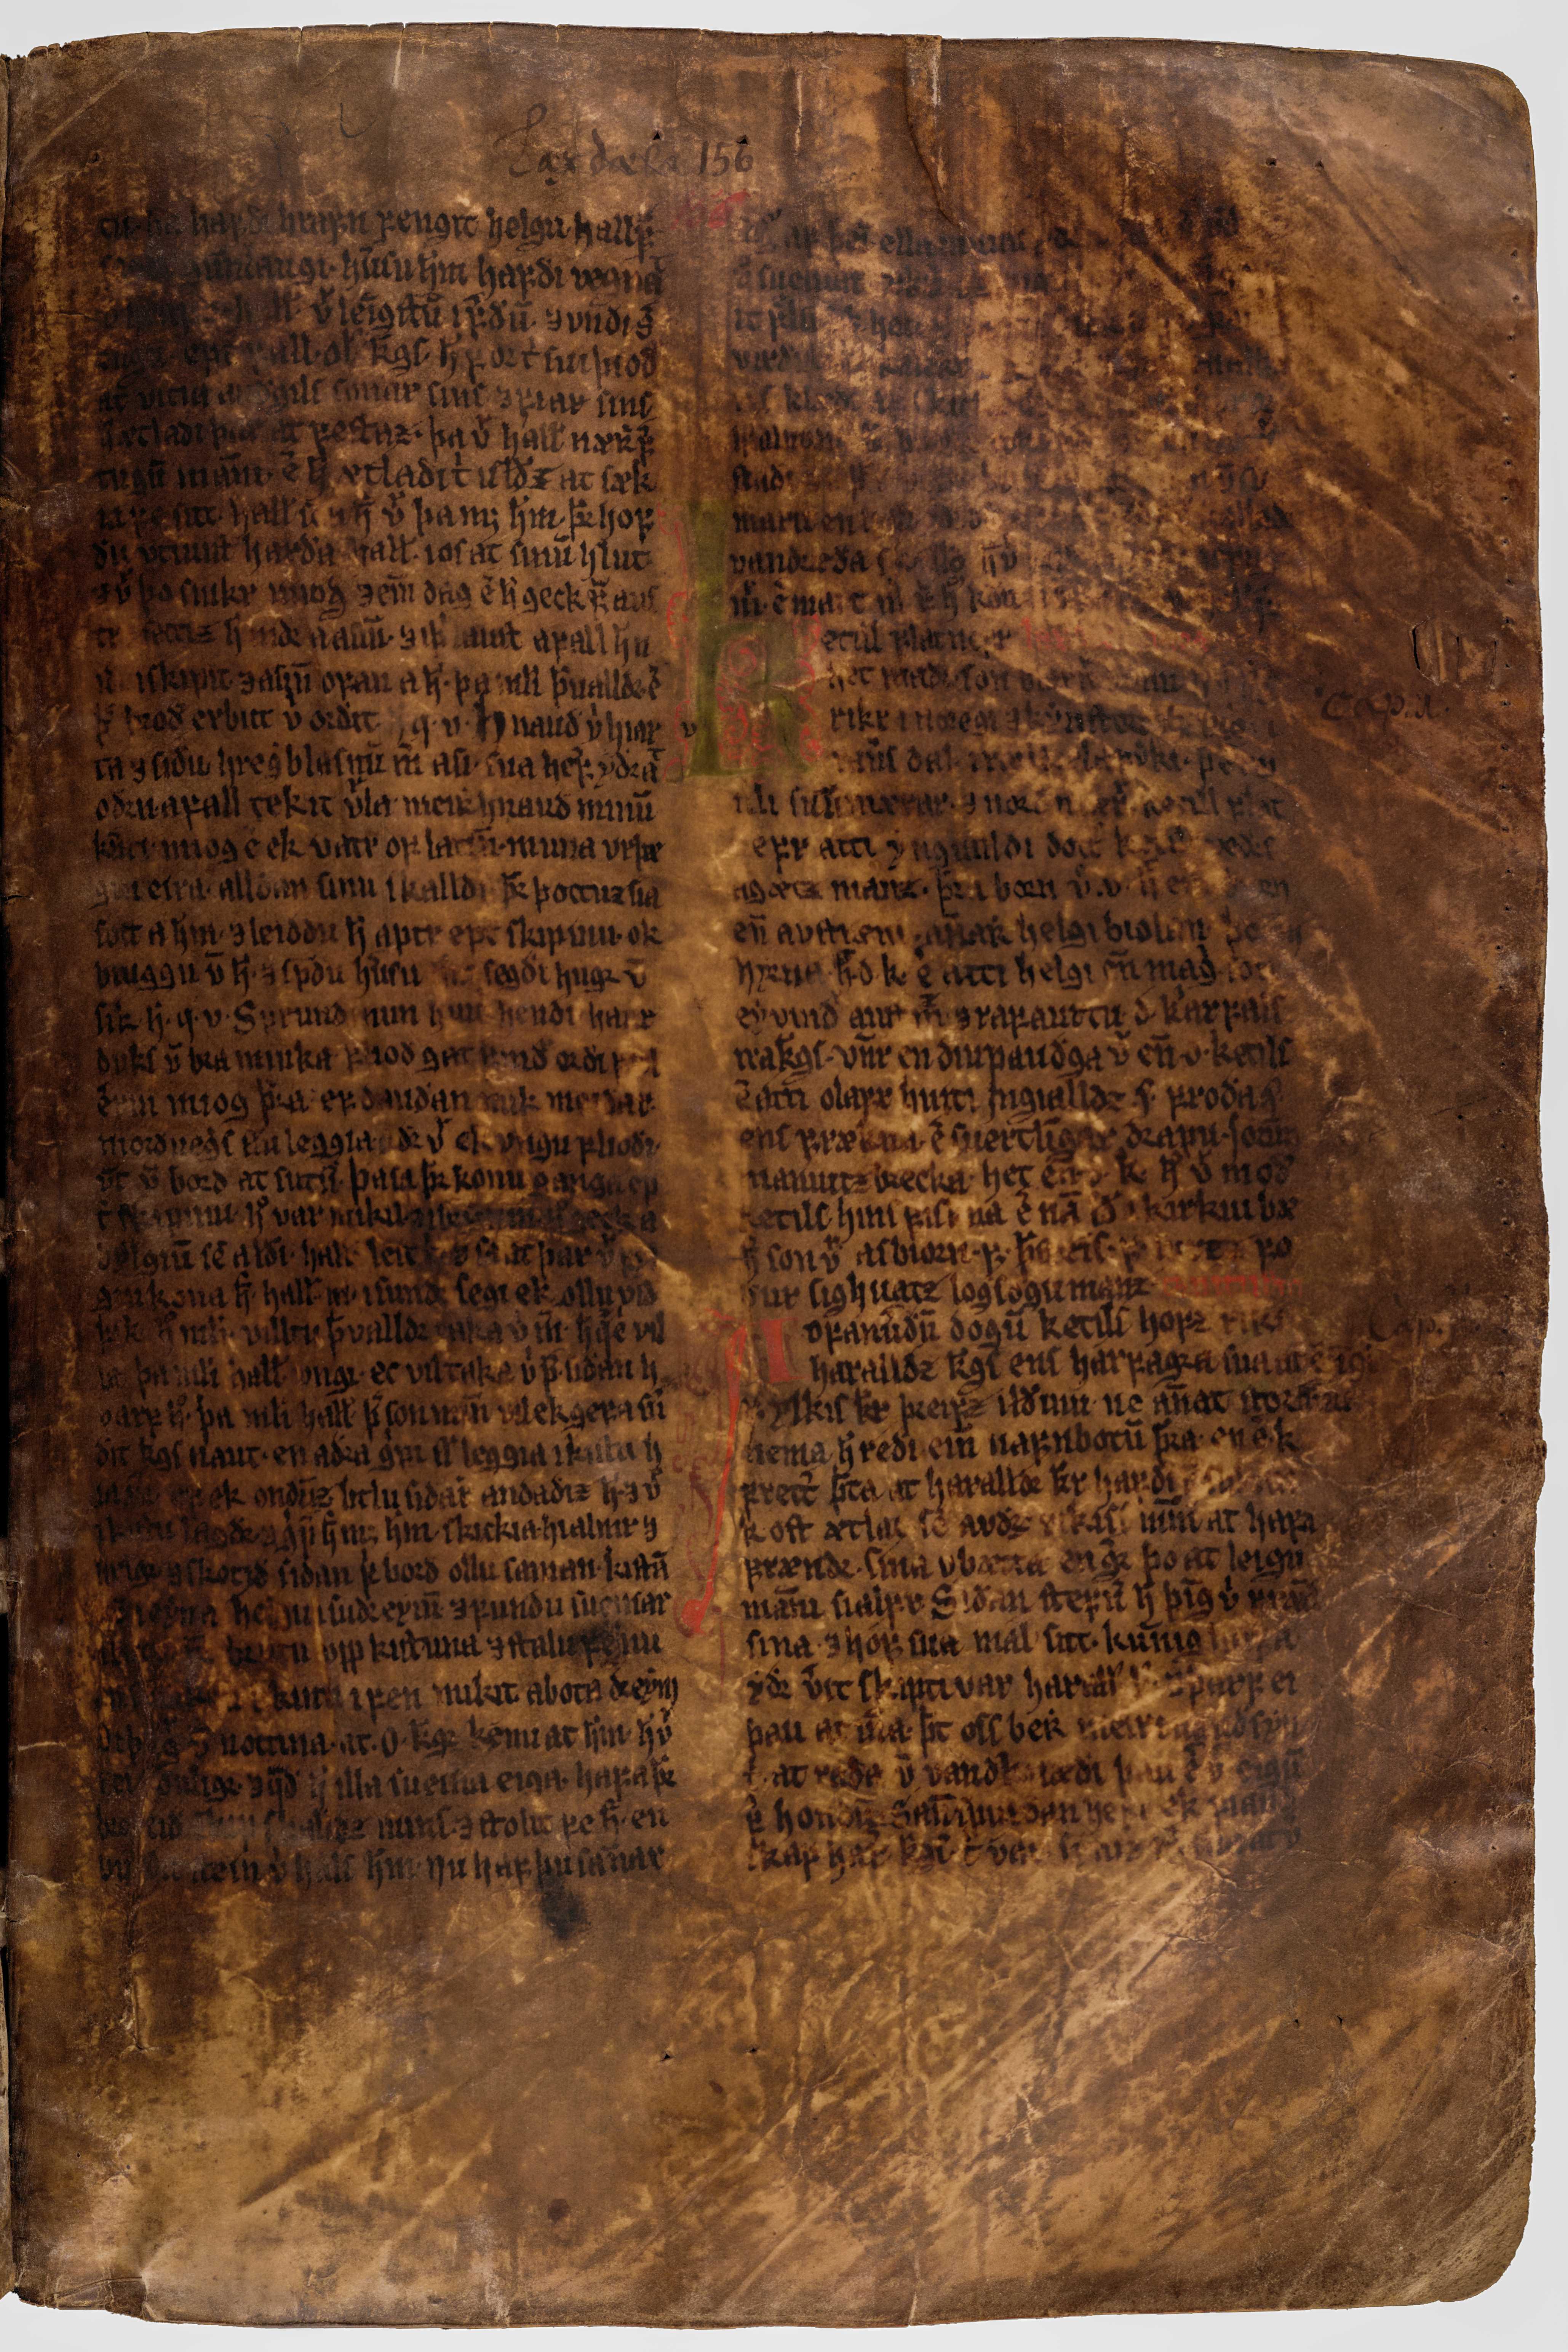 AM 132 fol - 156r